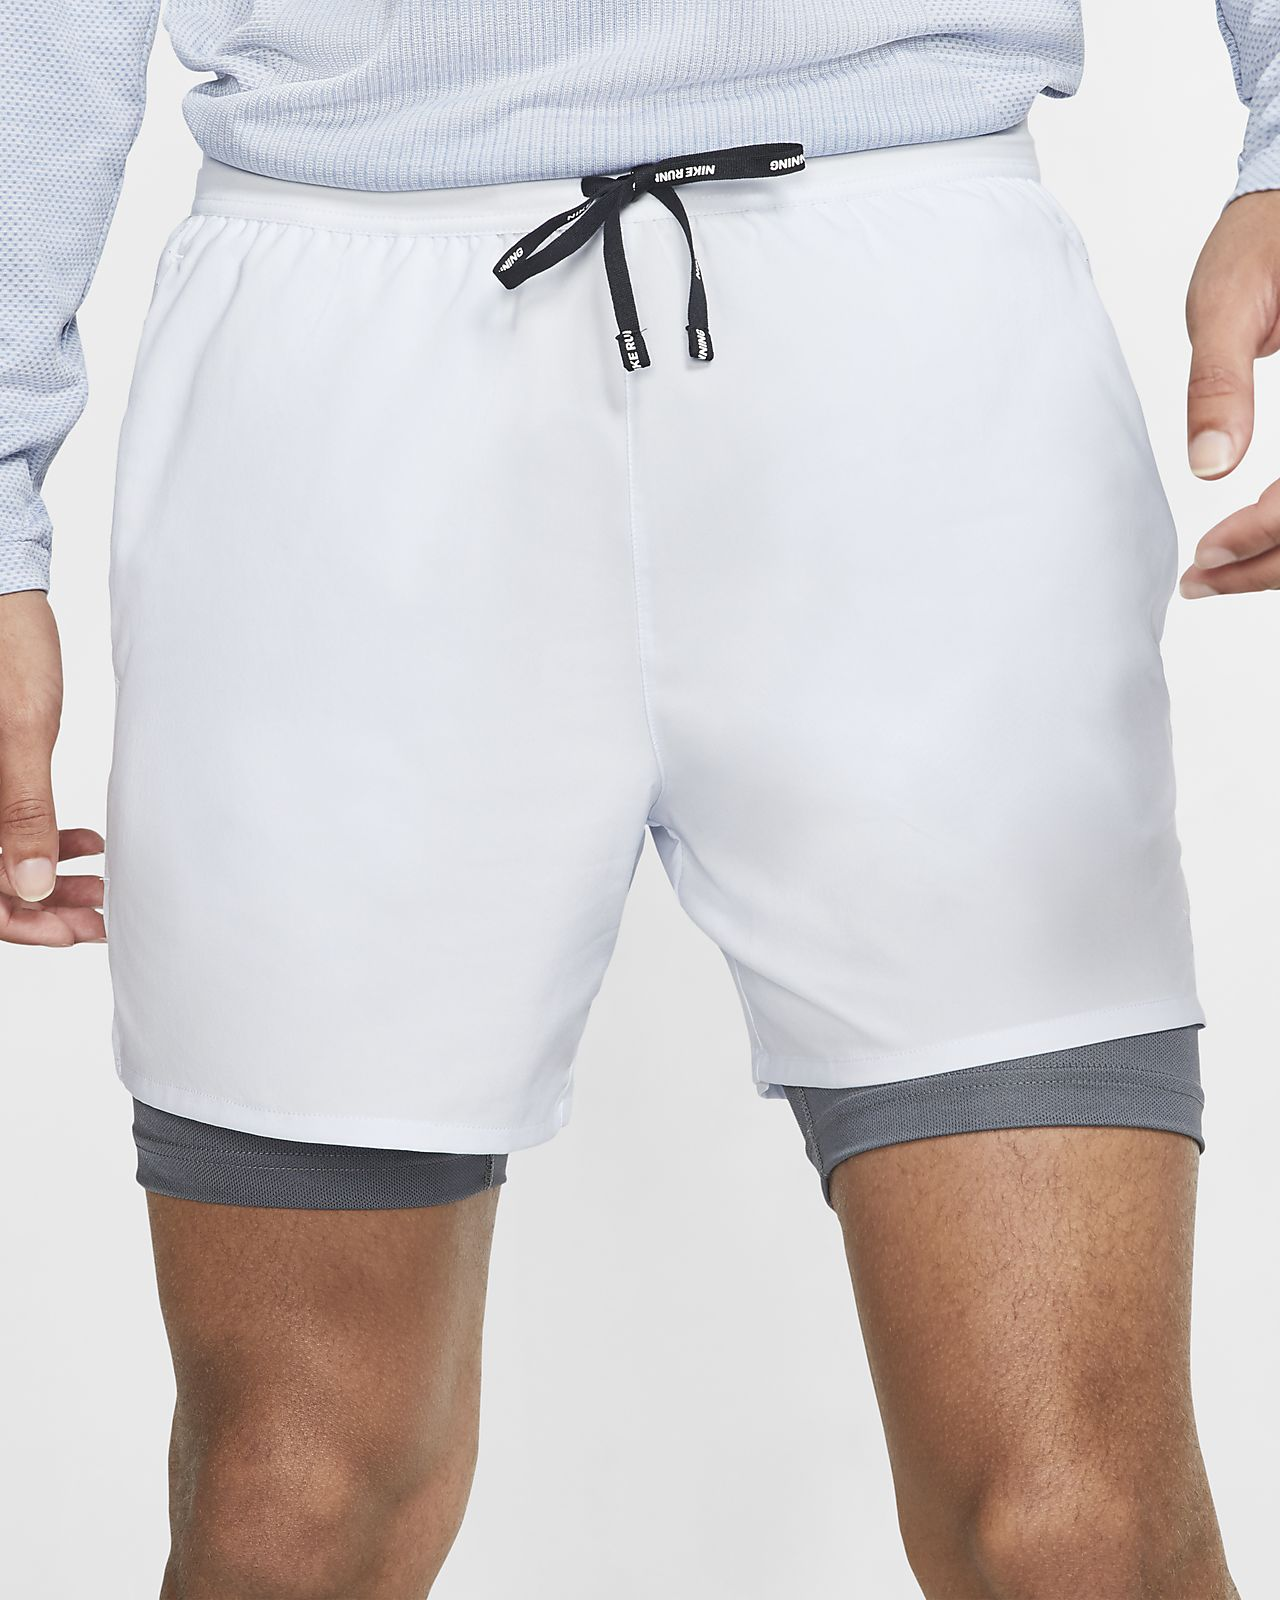 Löparshorts Nike Flex Stride 2-in-1 12,5 cm för män